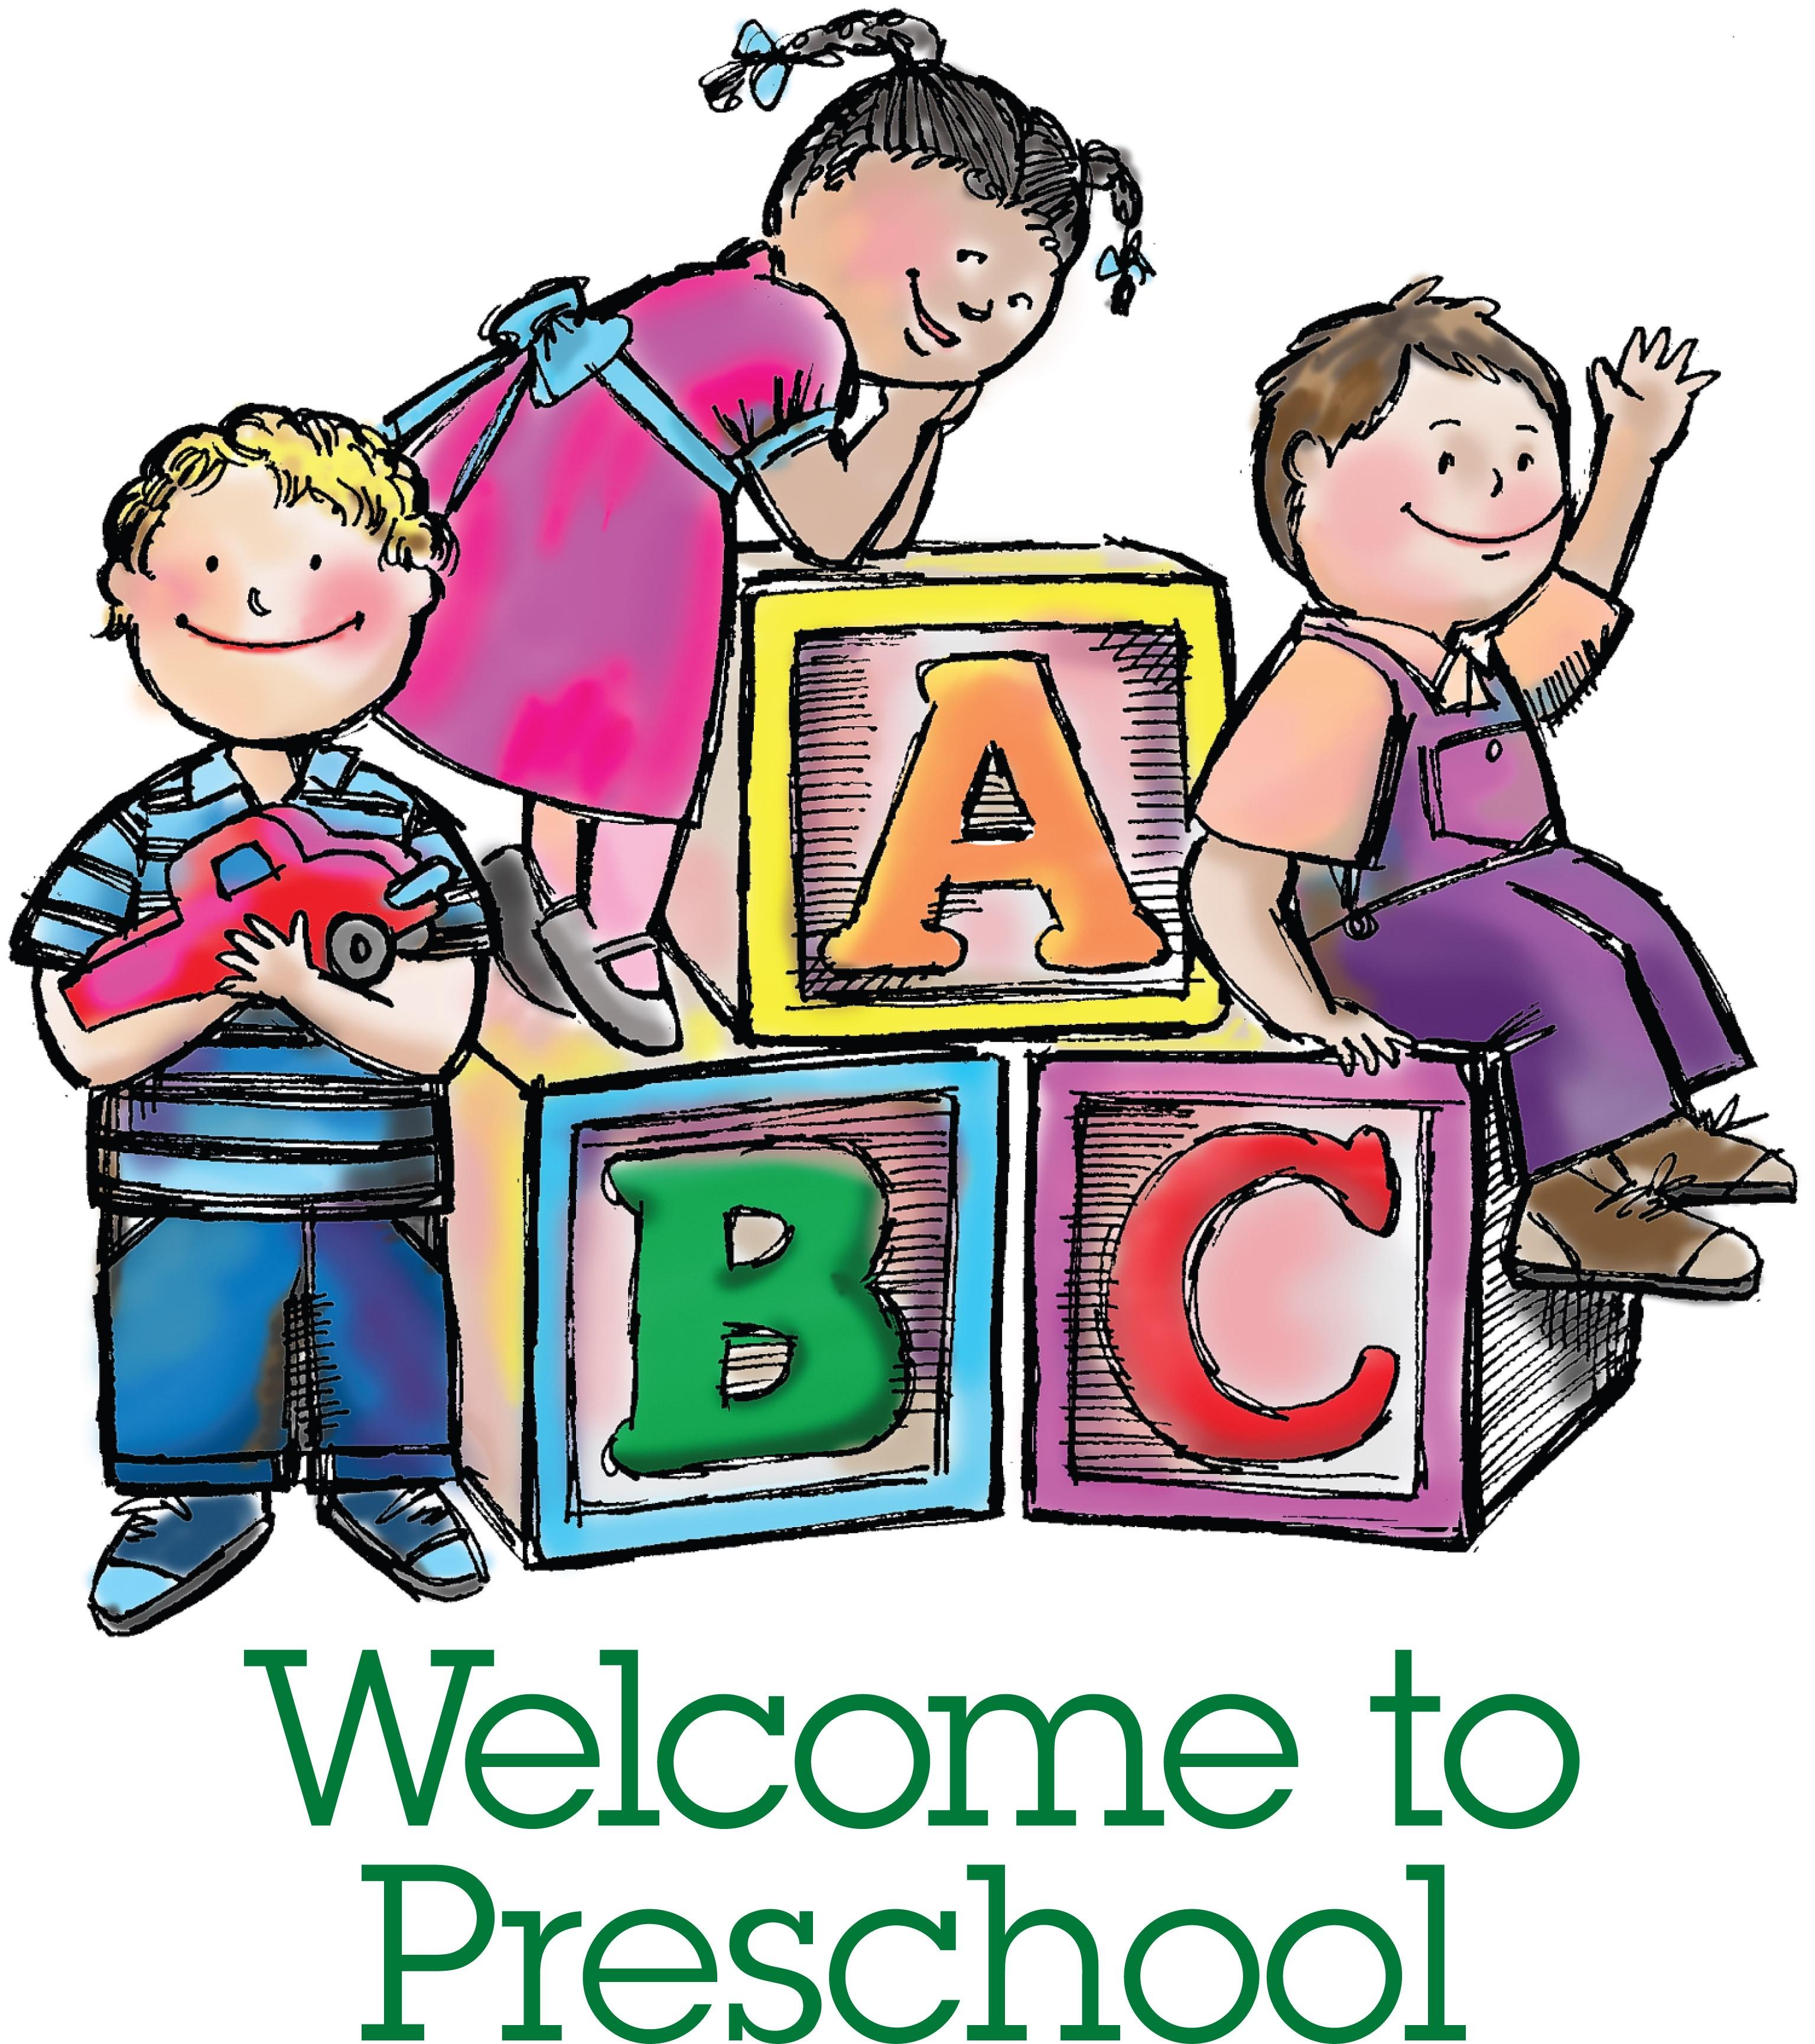 Play school brochure templates Unique free nursery school yun56 co.